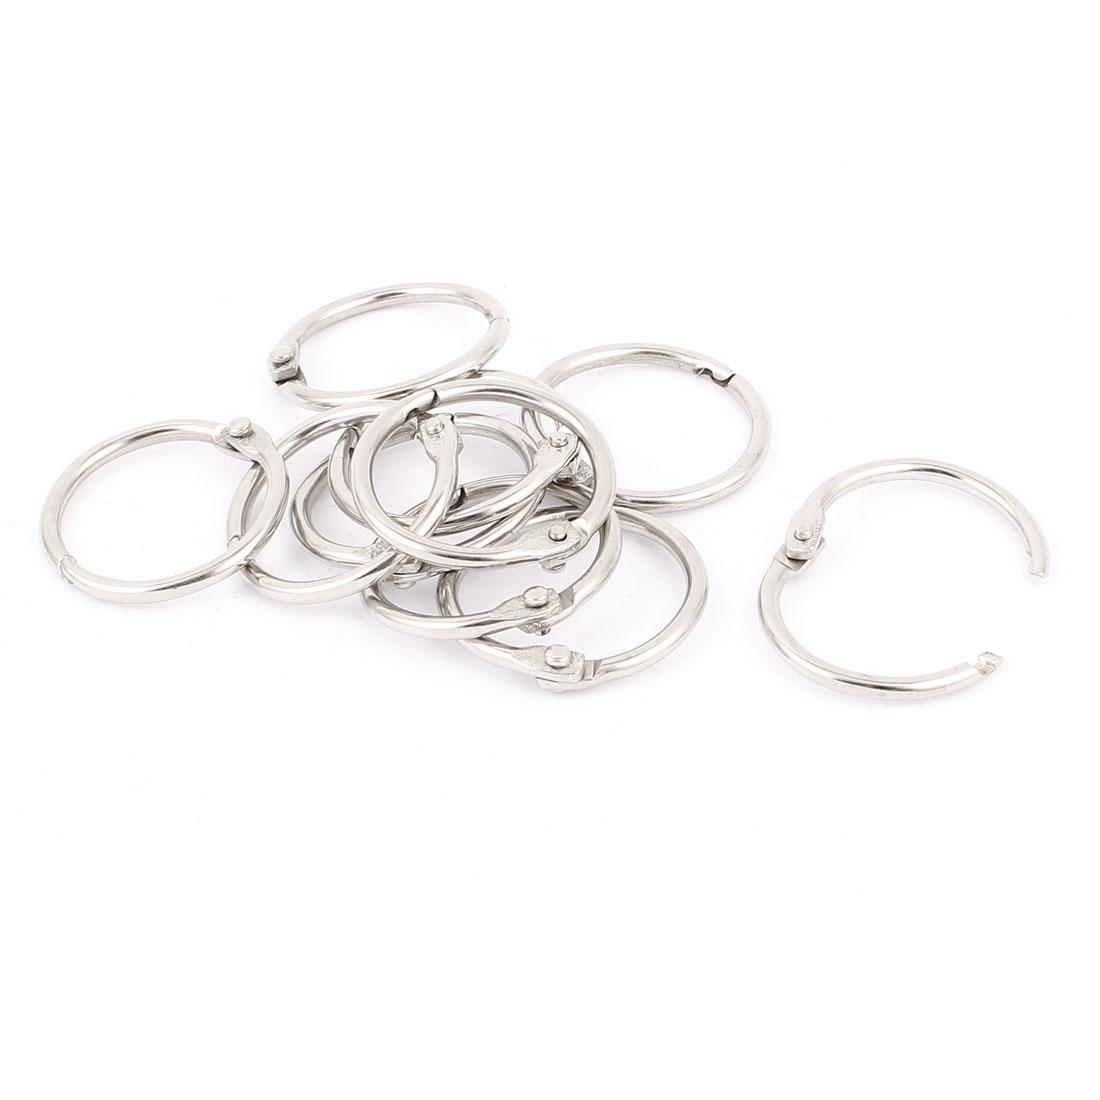 26mm Inner Dia Keyrings Style Metal Loose Leaf Rings Silver Tone 10 Pcs